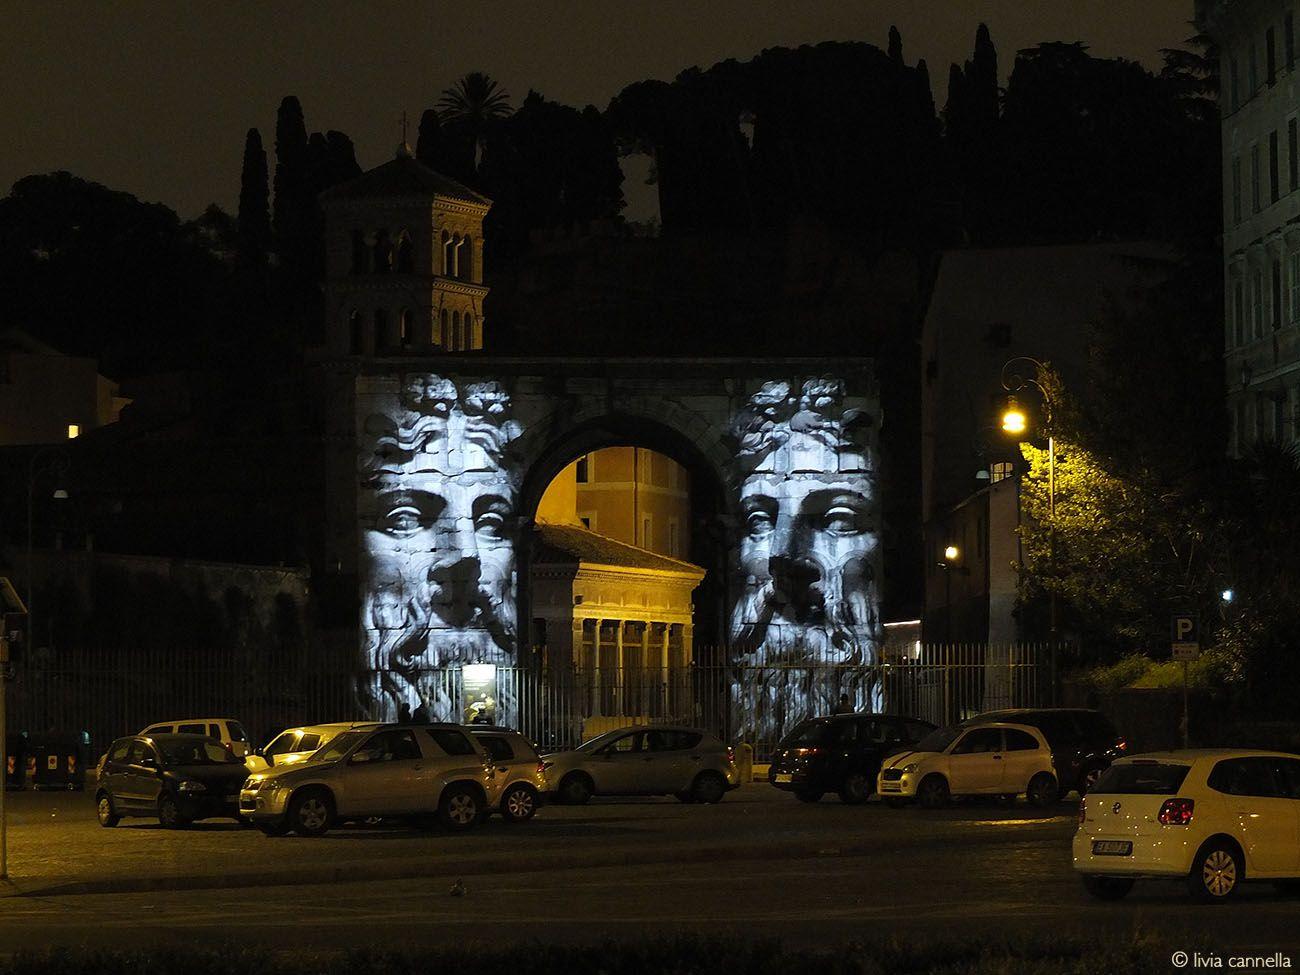 Popvlvs. Arco di Giano, Roma 2015. Ideazione e realizzazione di Livia Cannella